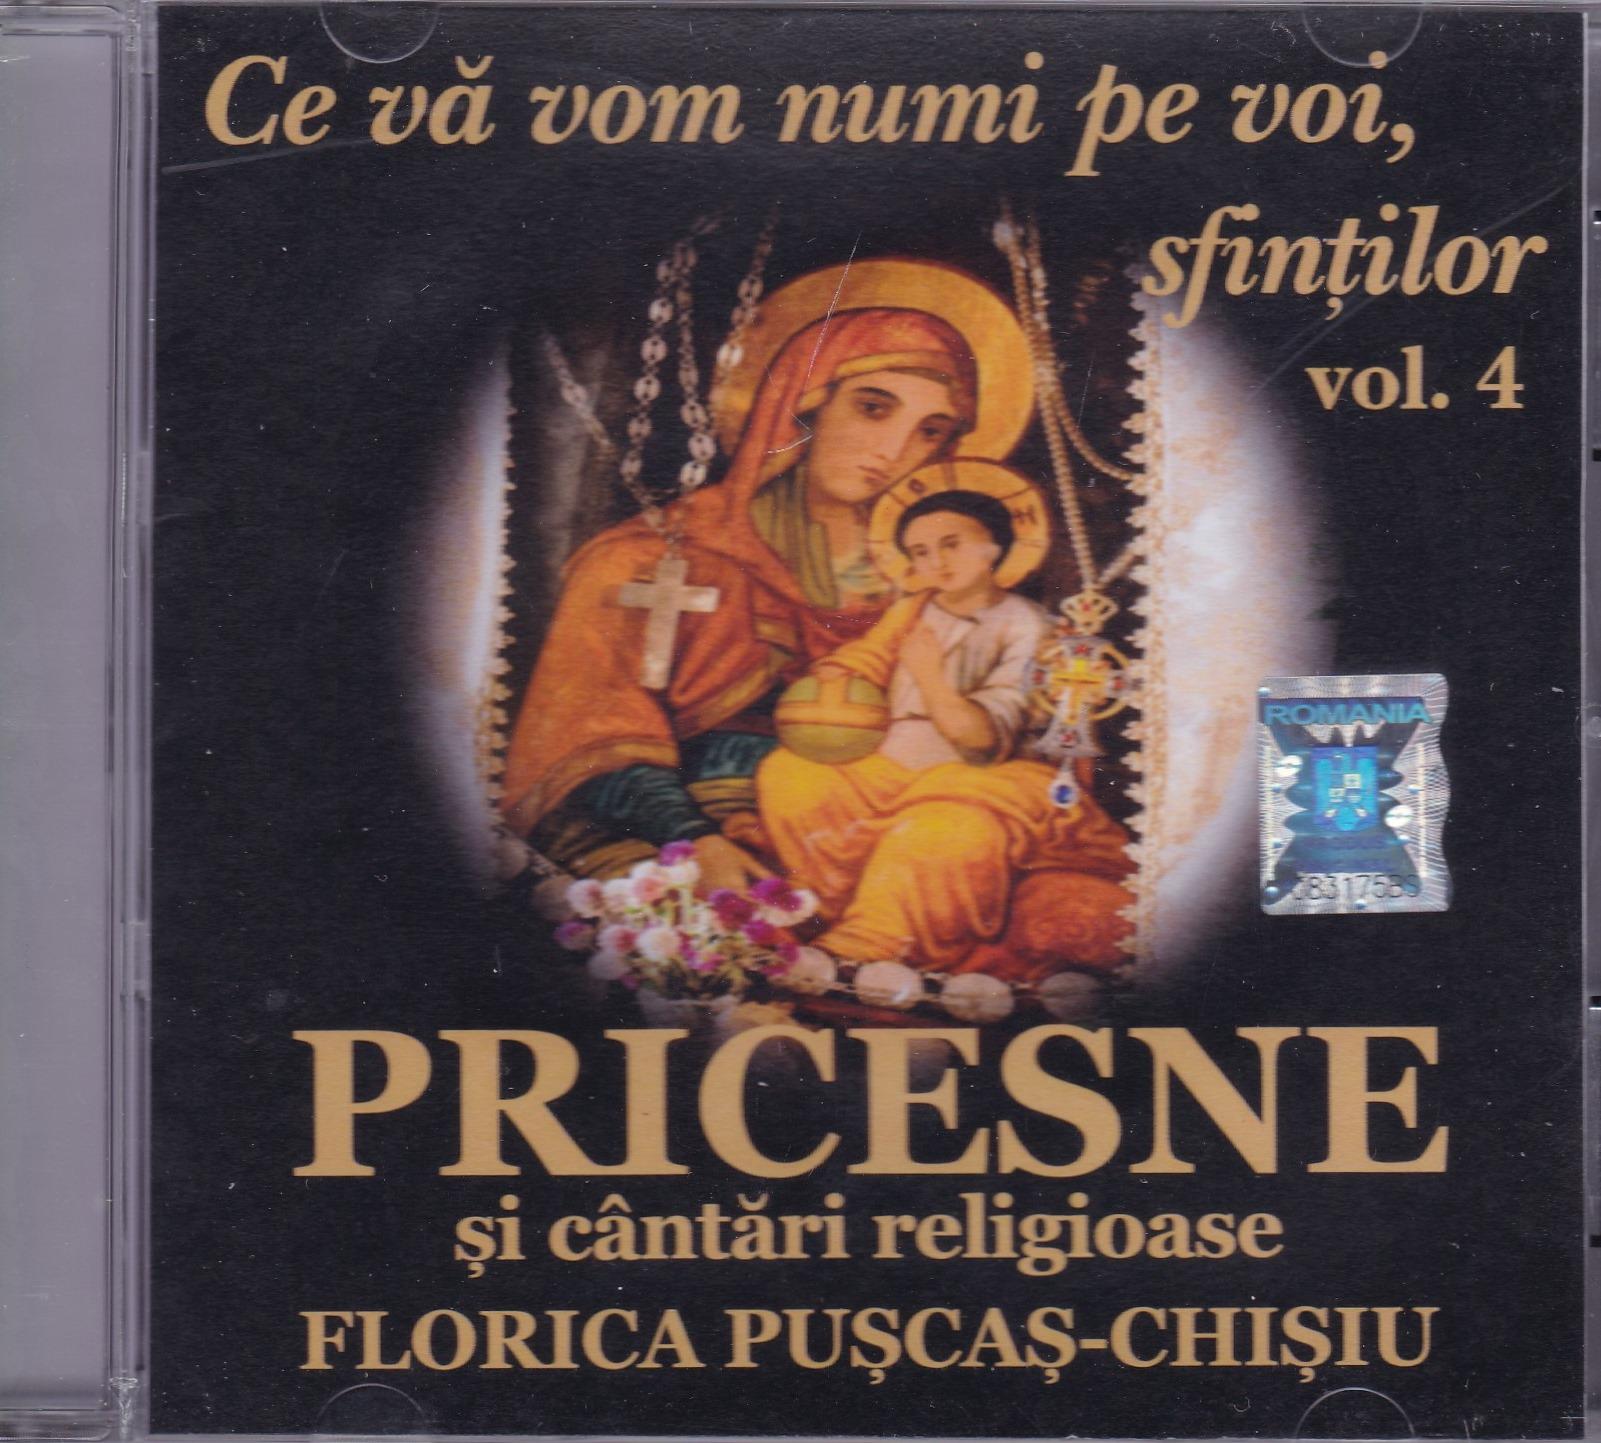 CD- Ce va vom numi pe voi, sfintilor vol 4 Pricesne si cantari religioase